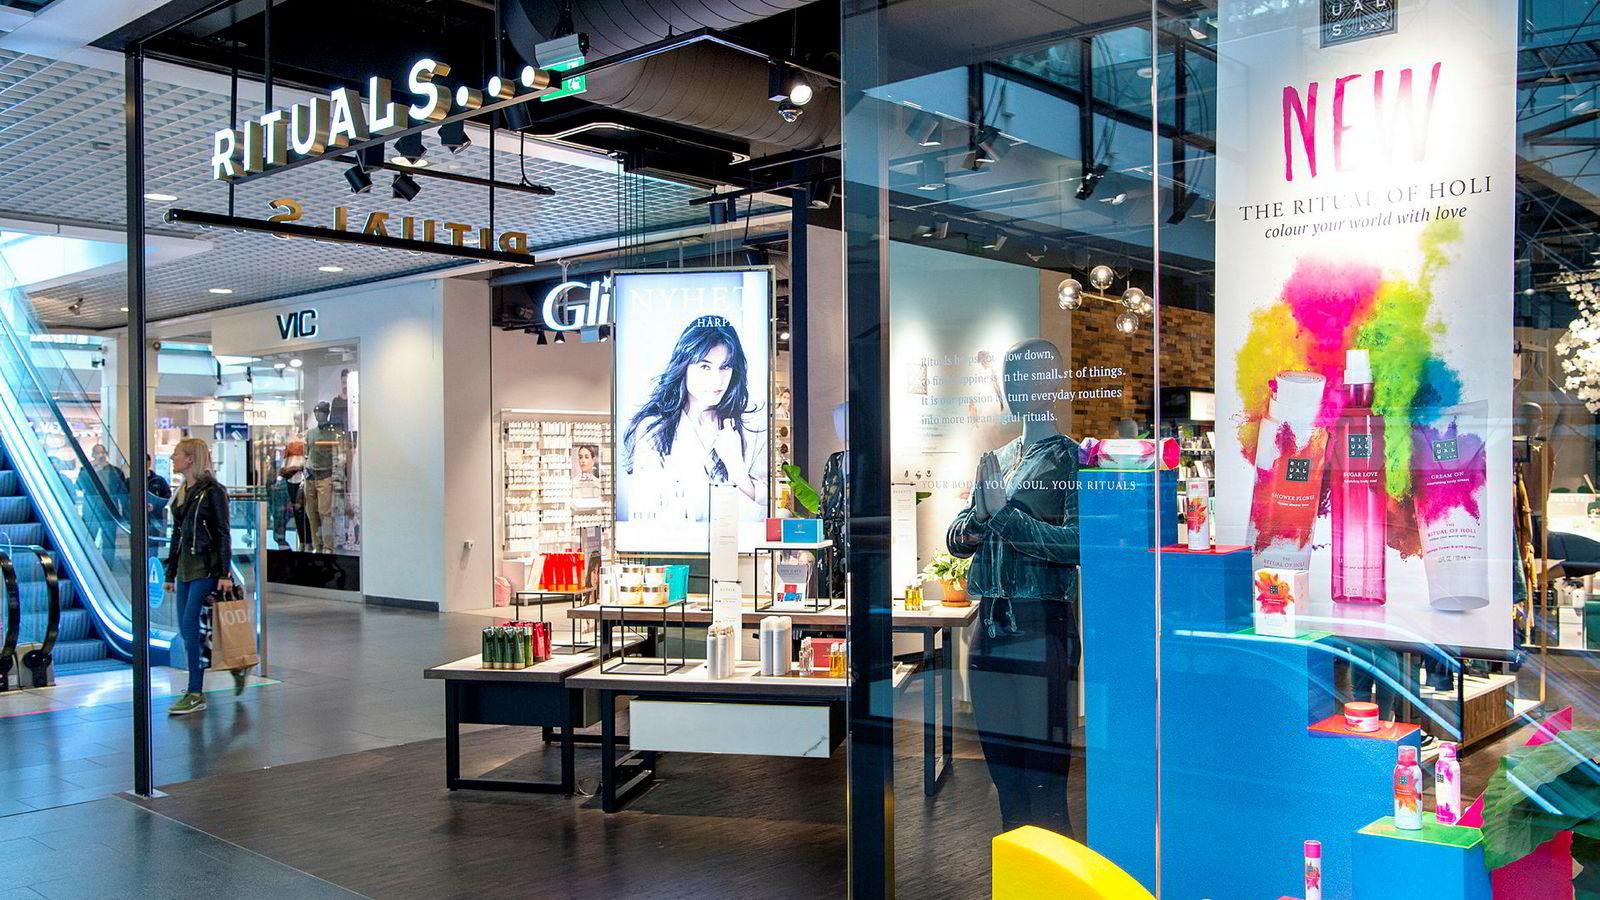 Kosmetikkjeden Rituals haler innpå hvitevarekjeden Skousen på Virkes liste over vekstvinnere i norsk handel. Her fra butikken på Oslo City.